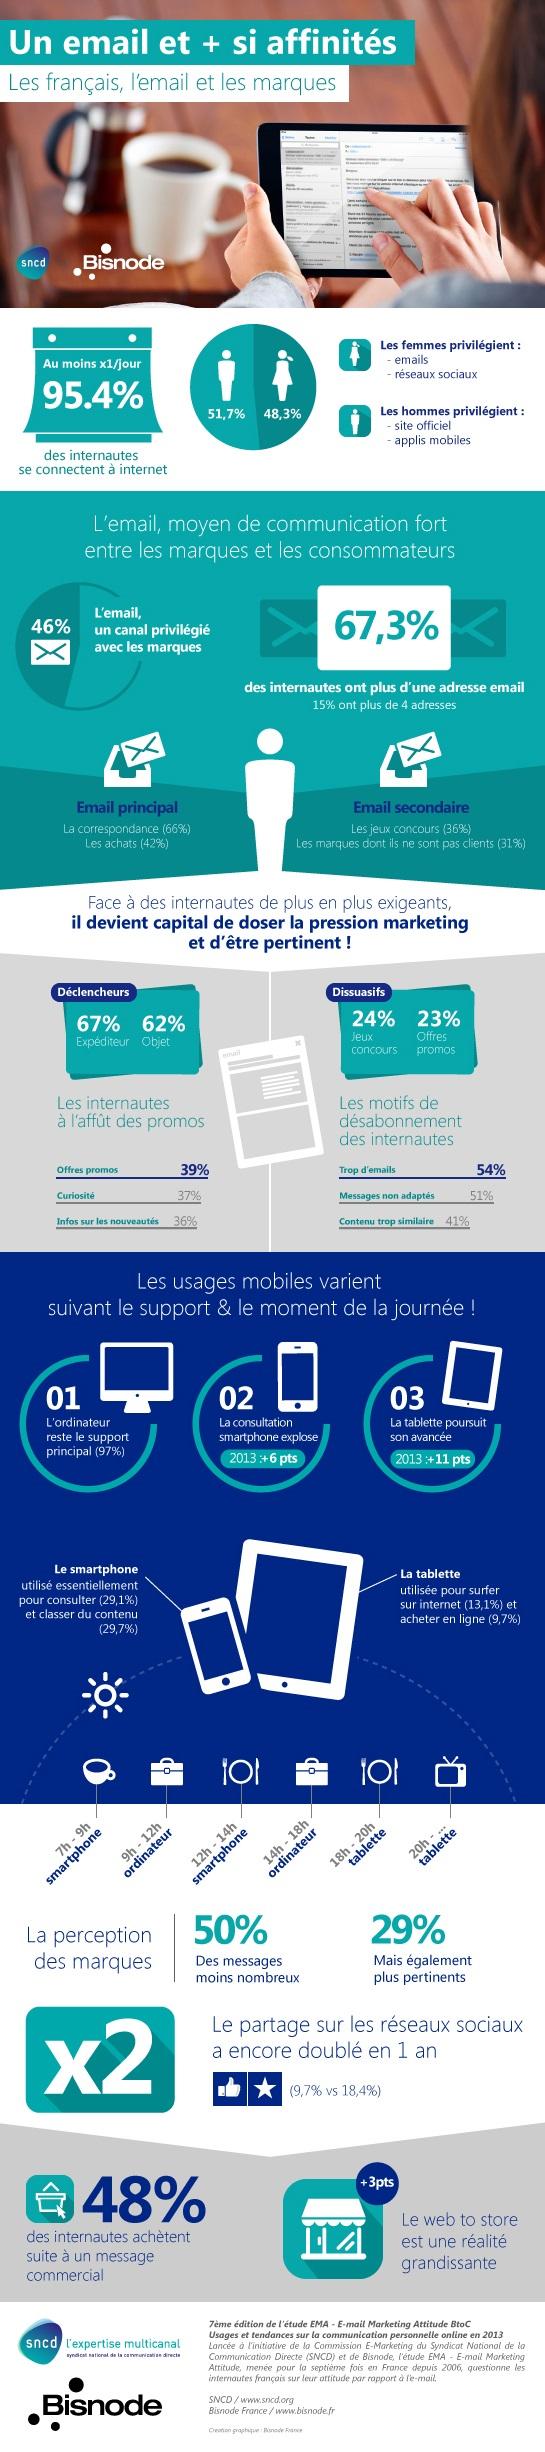 Le Sncd a publié l'infographie de l'étude EMA – Email Marketing Attitude BtoC.